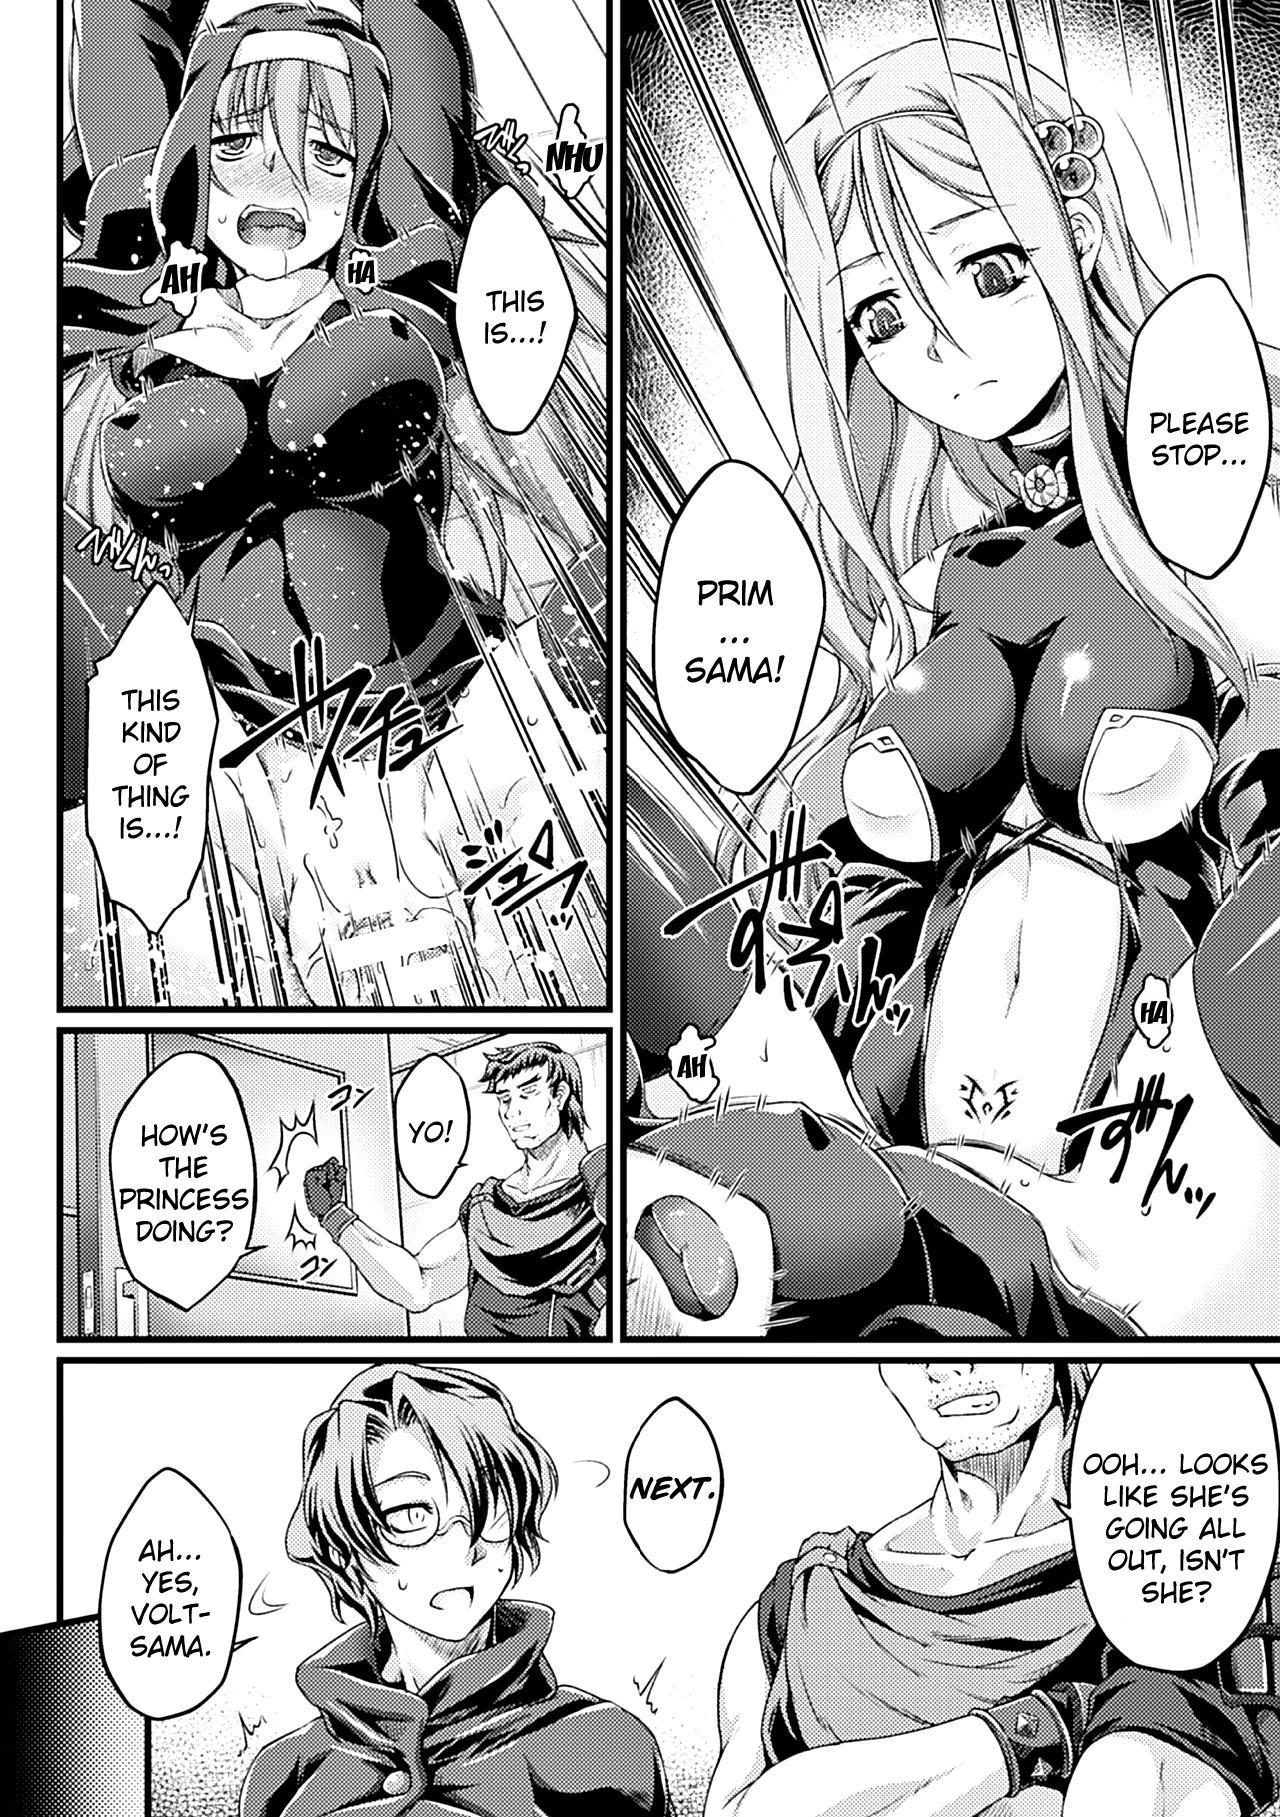 [Ootsuki Wataru] Kuroinu ~Kedakaki Seijo wa Hakudaku ni Somaru~ THE COMIC Chapters 1-5 [English] {Kizlan} [Digital] 85